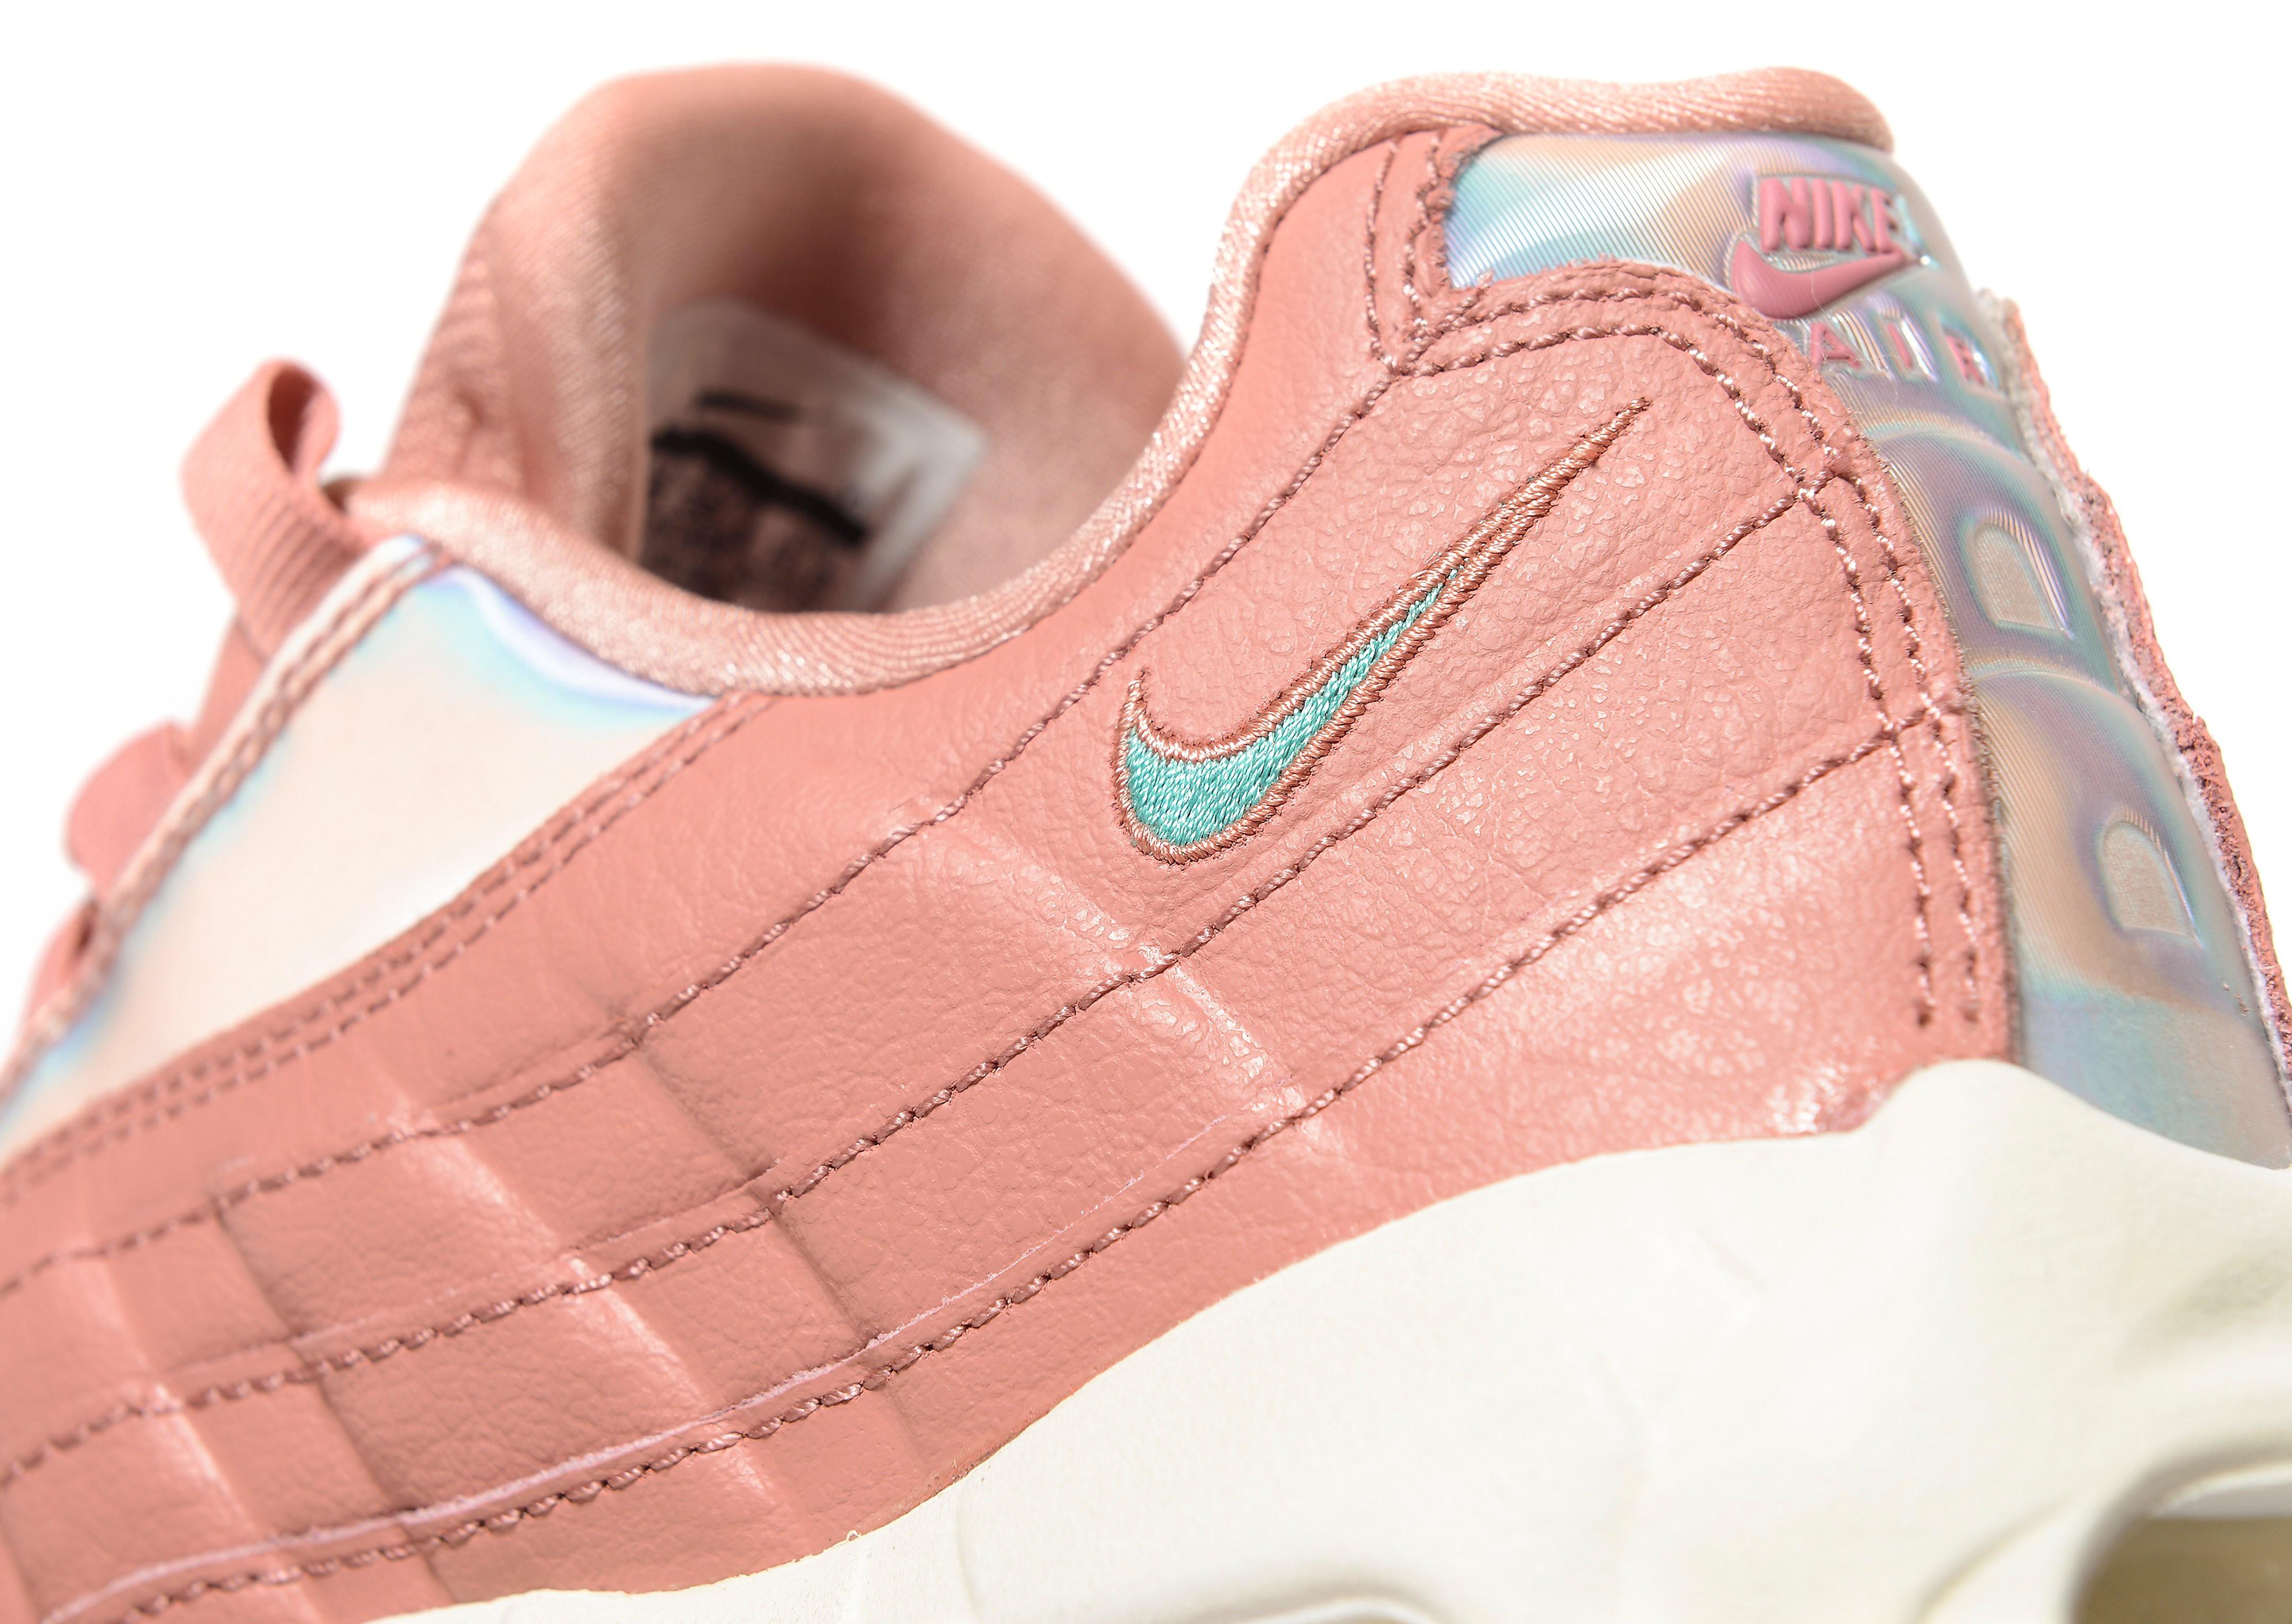 Nike Air Max 95 Donna